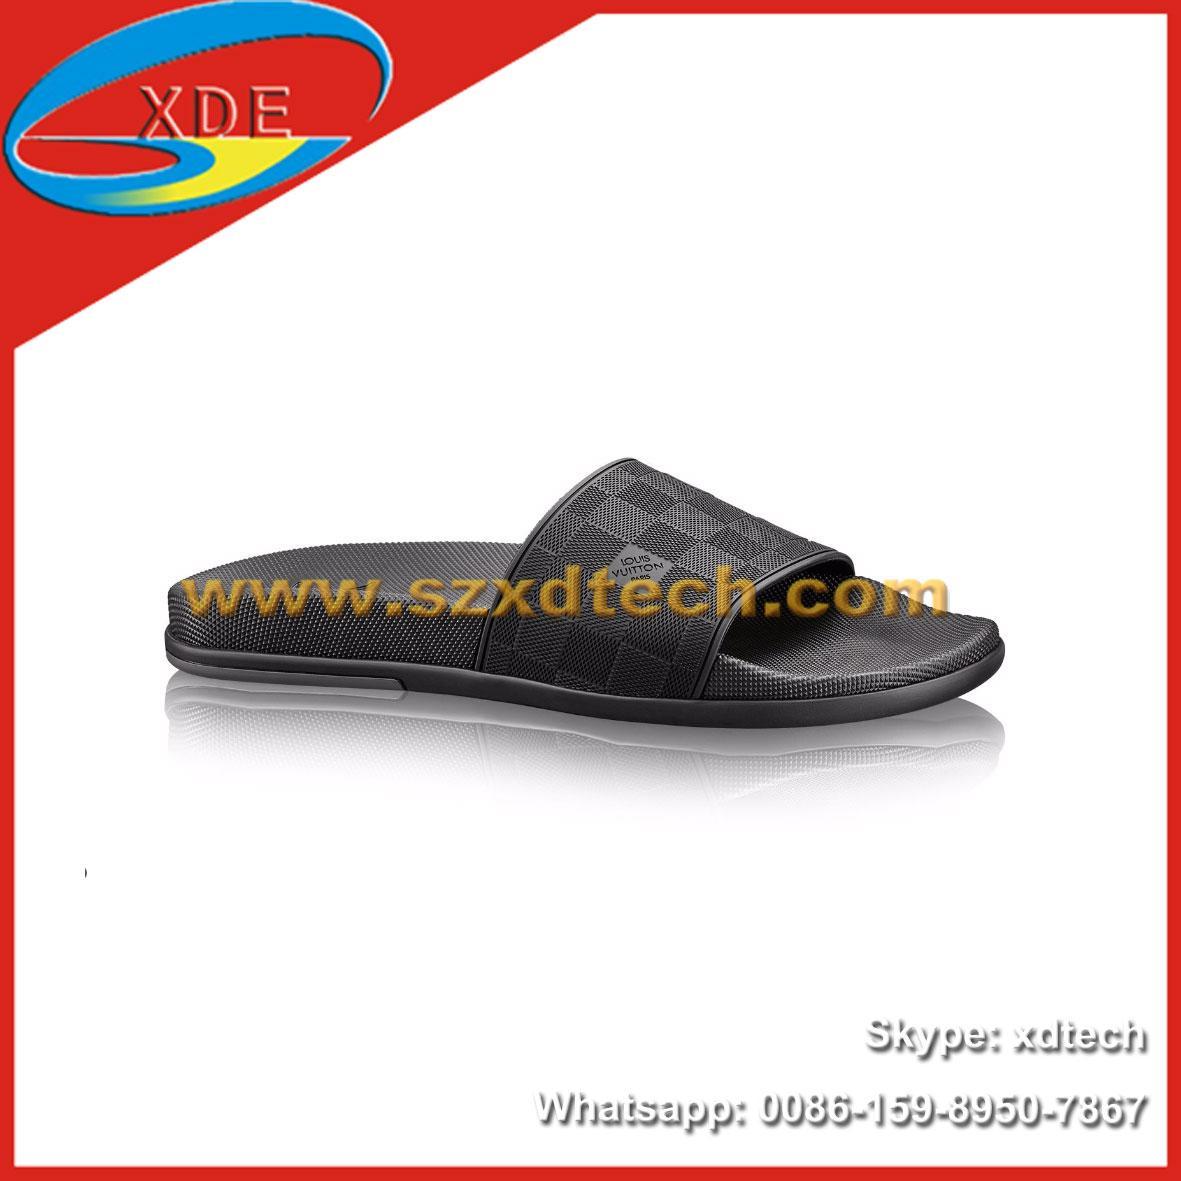 452d73998633 Louis Vuitton Slippers LV Slides LV Sandals LV WATERFRONT 476812 Shoes 1 ...